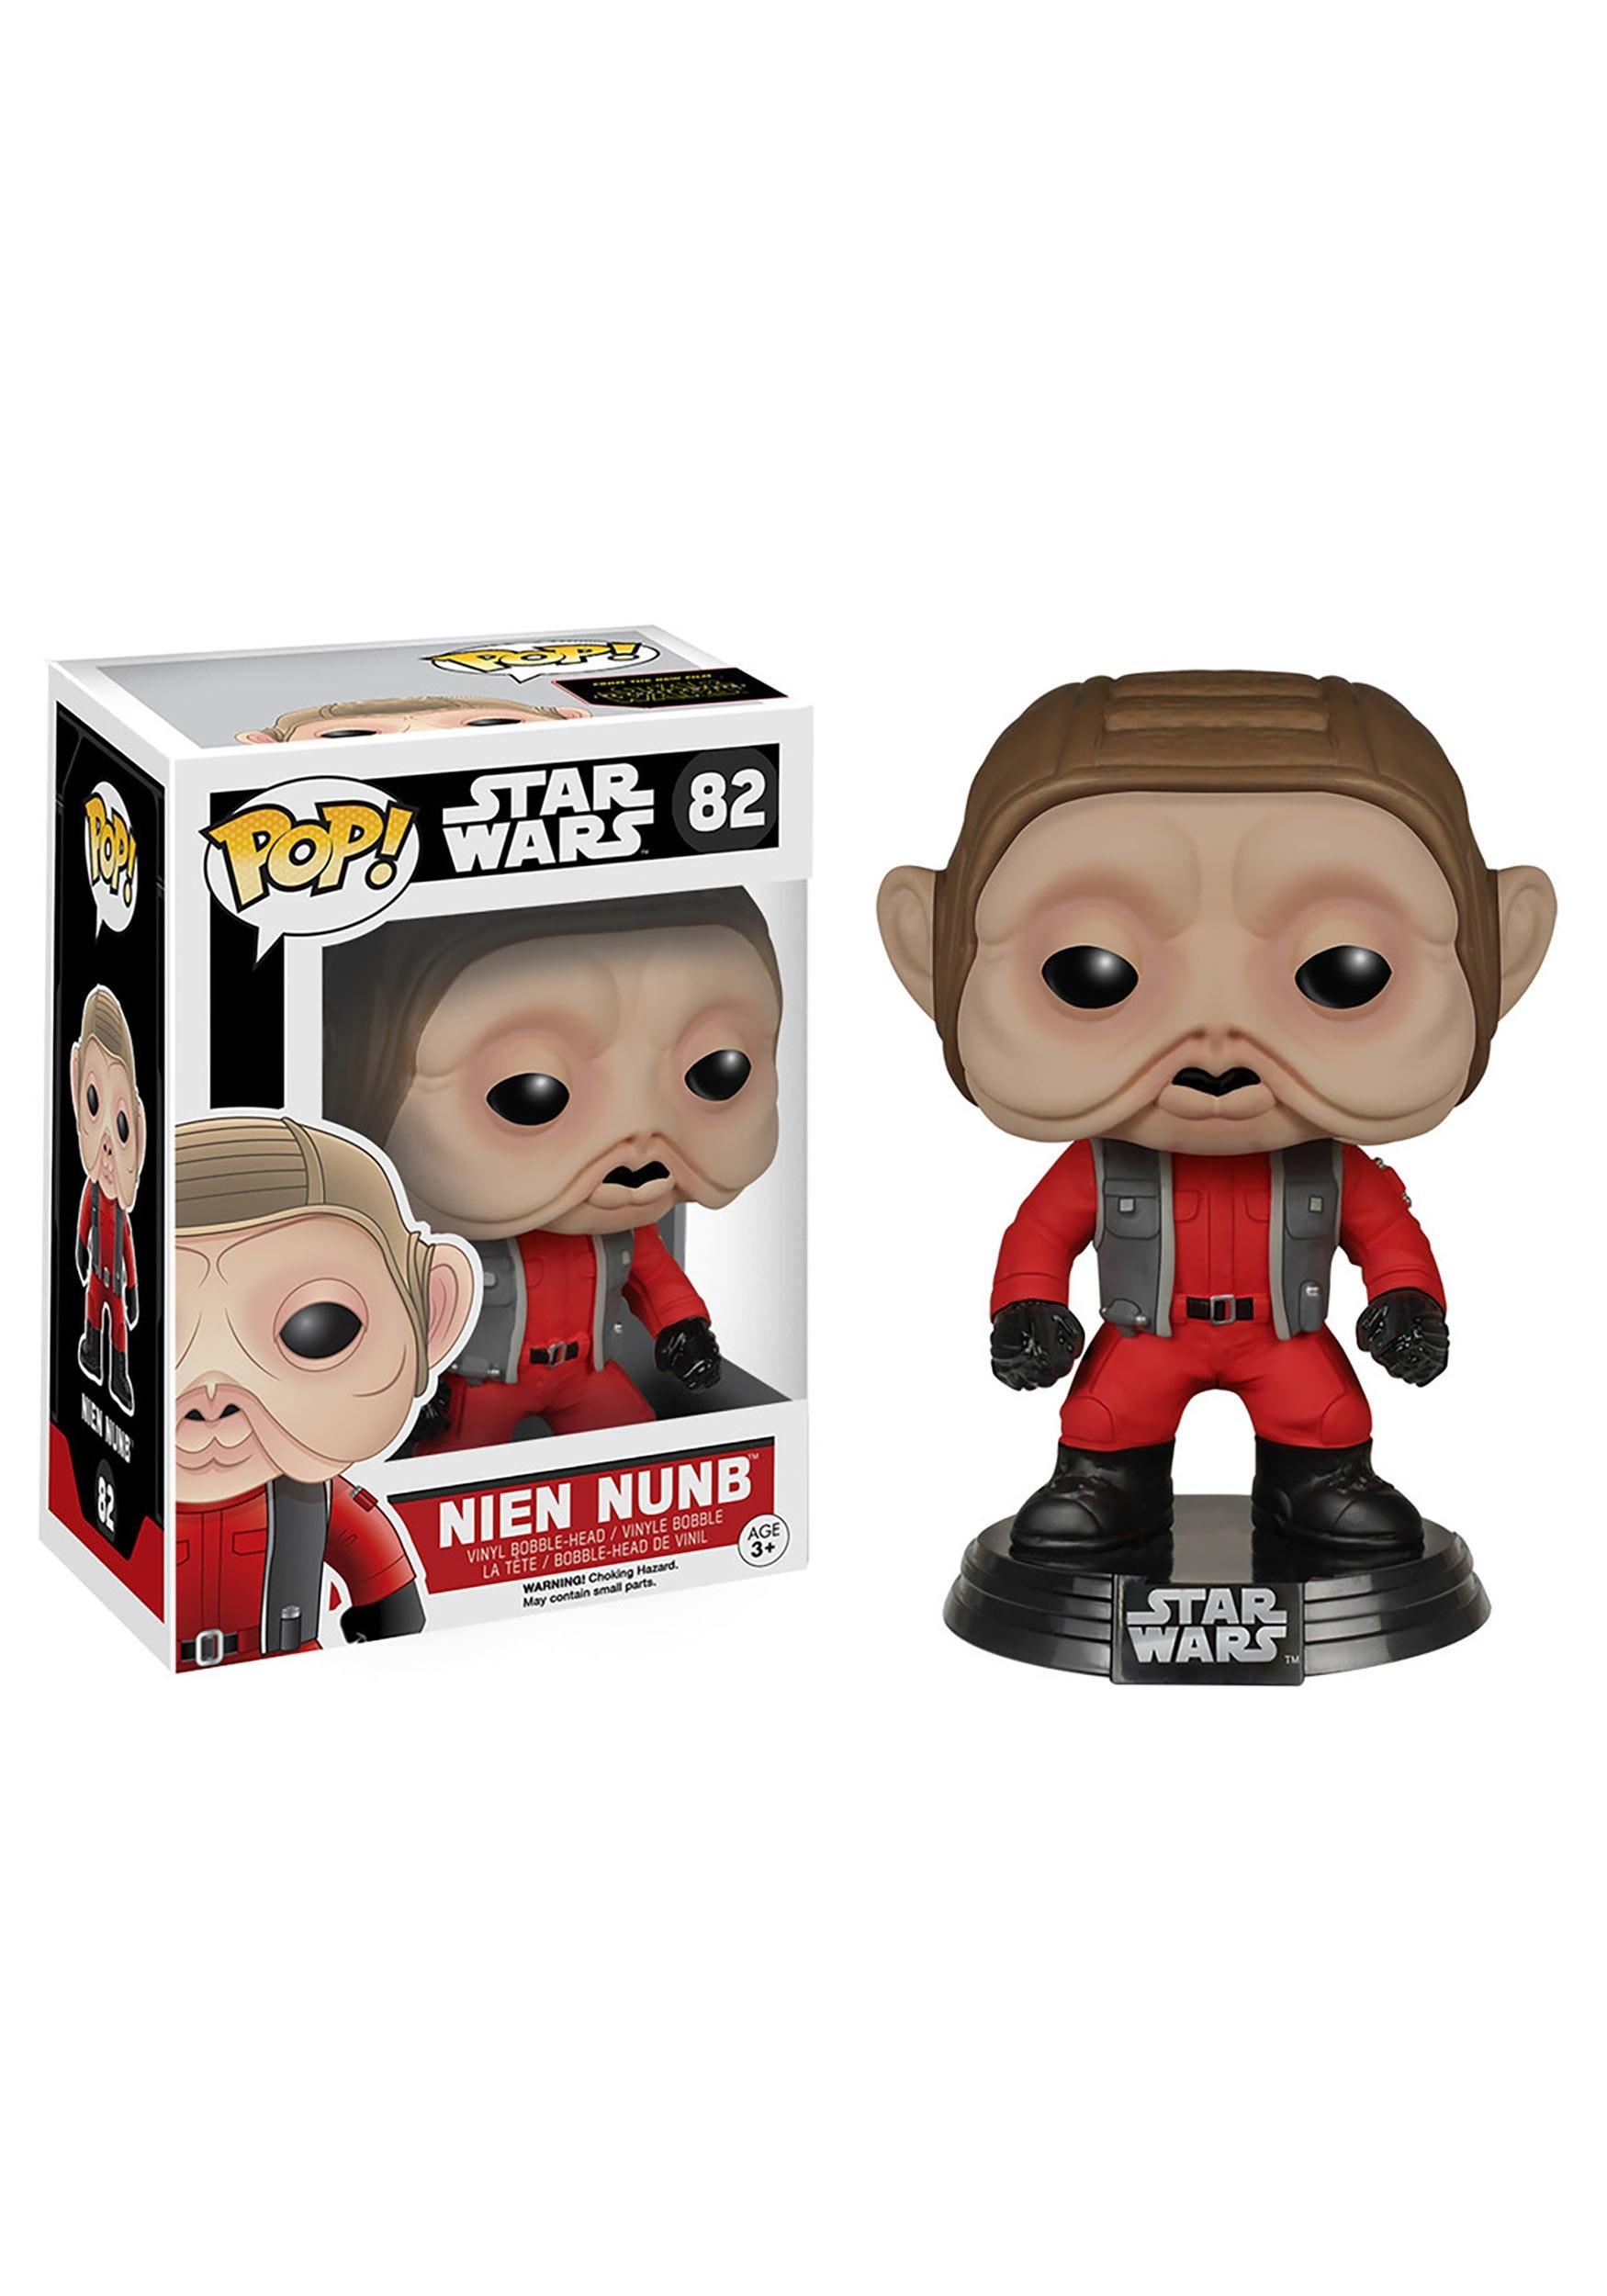 POP Star Wars Ep 7 Nien Nunb Bobblehead Figure FN6586